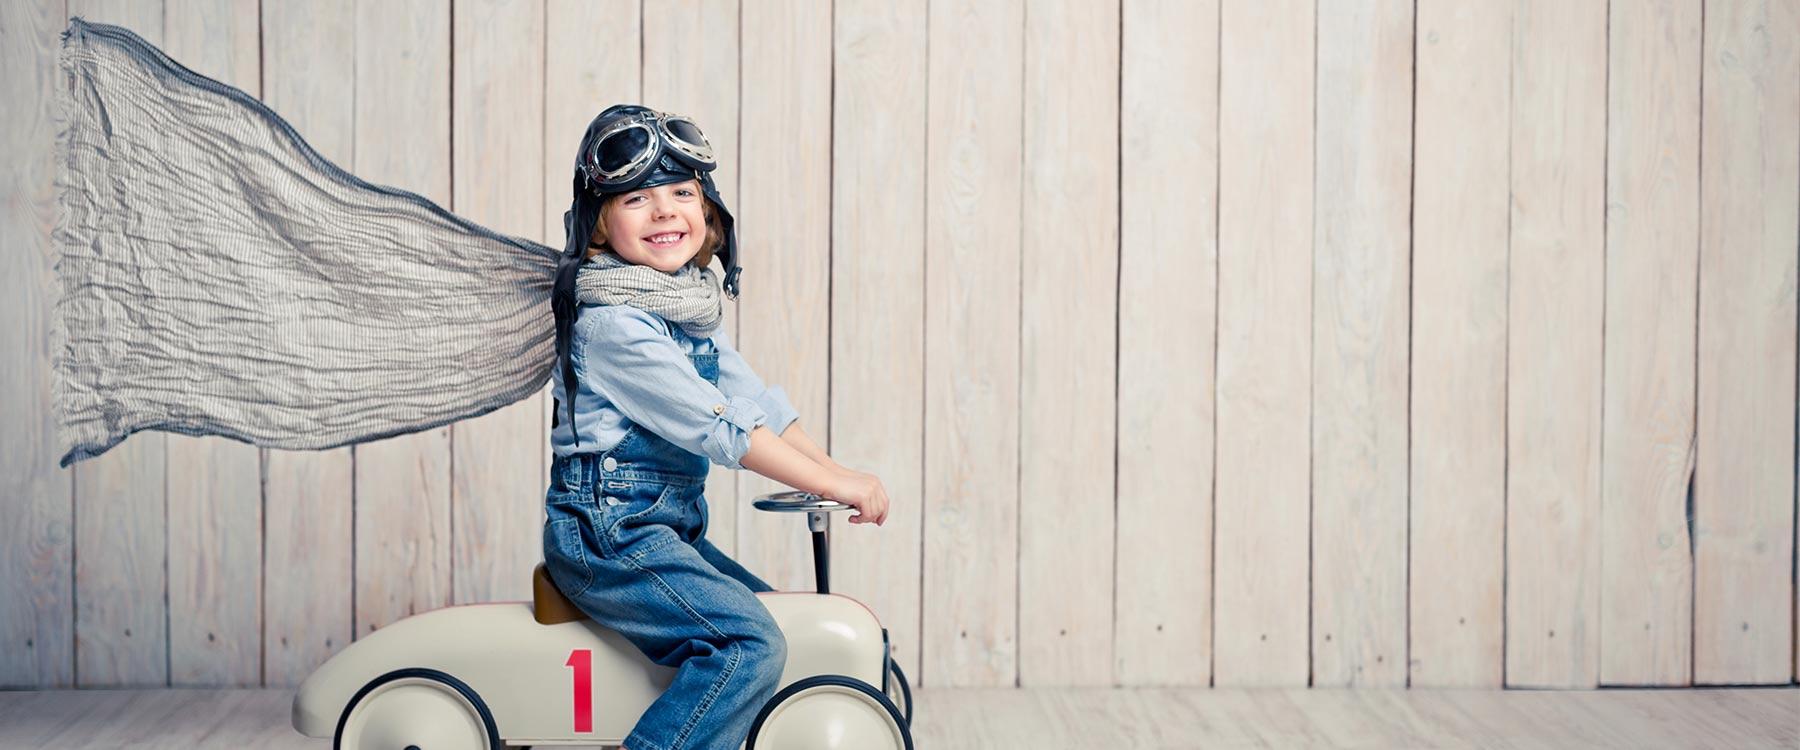 Mongio Imaginative Child Smiling